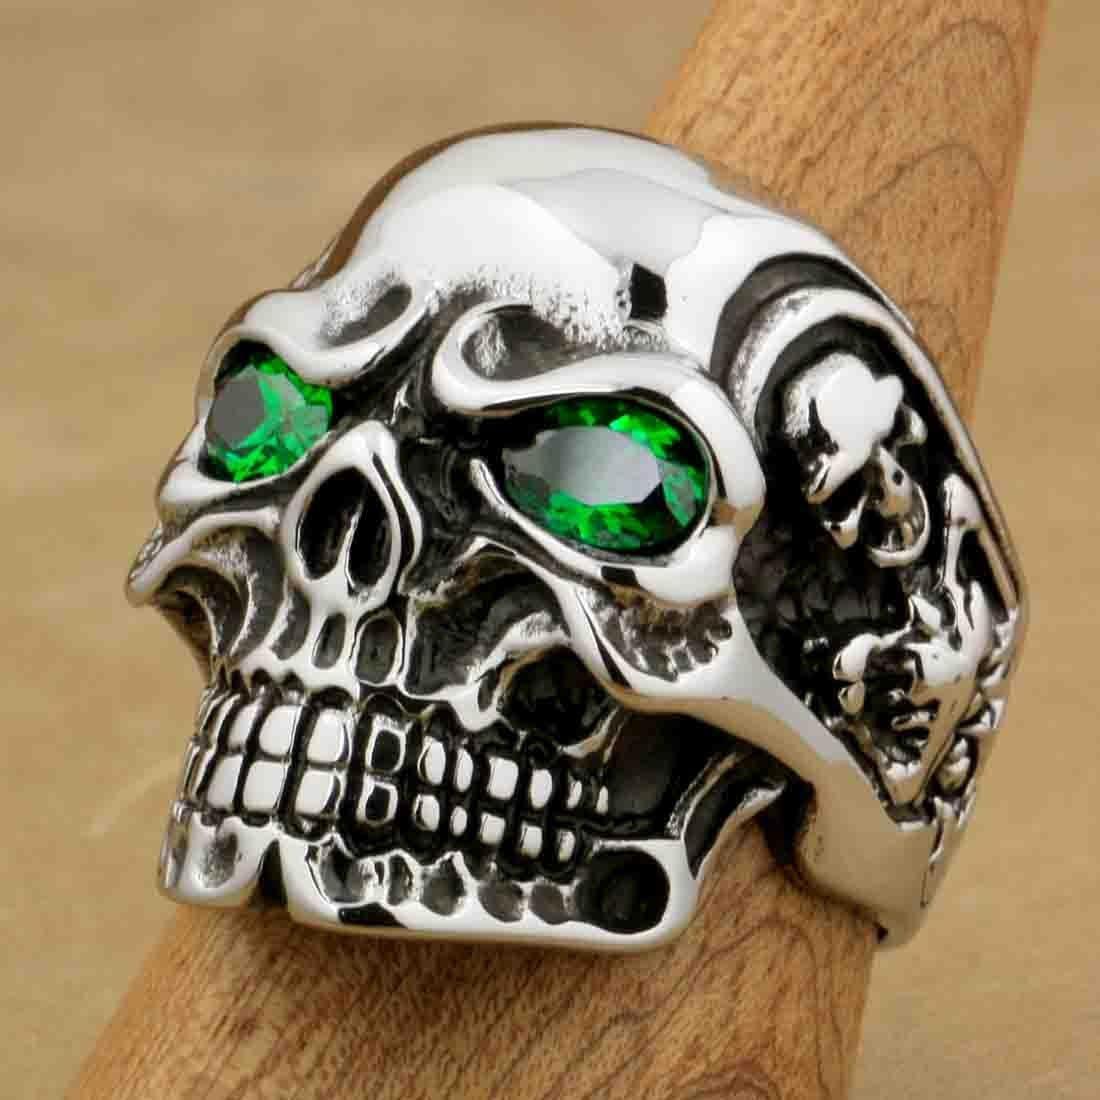 Men/'s Heavy Skull Eye Patch Biker Ring Stainless Steel Band New 31mm Sizes 8-15